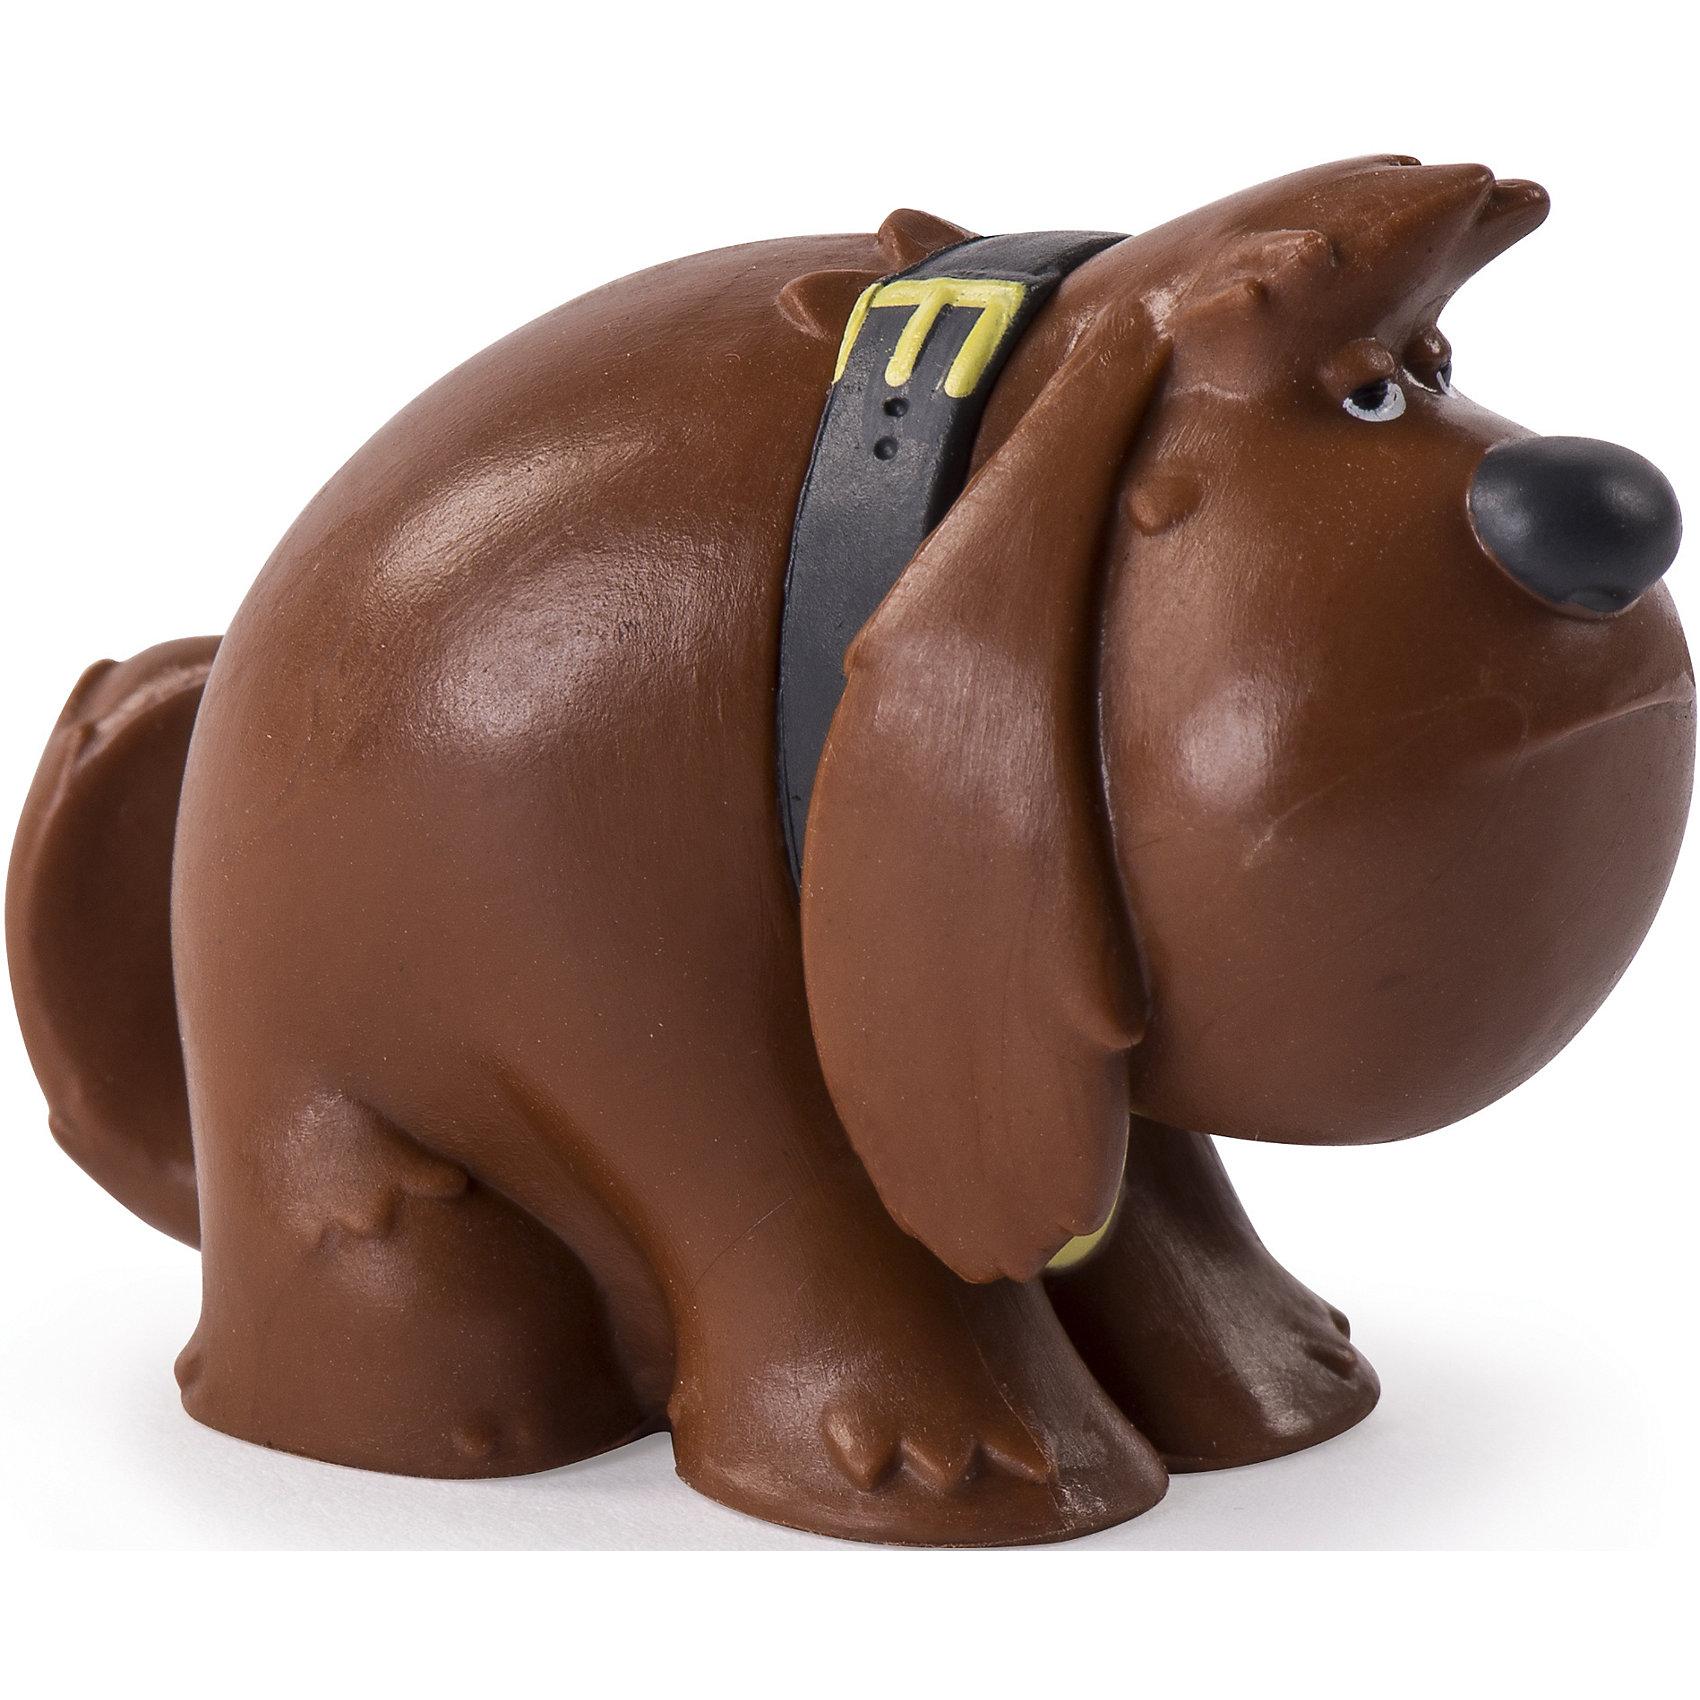 Мини-фигурка Коричневый пес Дюк, Тайная жизнь домашних животныхМир животных<br>Характеристики игрушки:<br><br>• Предназначение: для сюжетно-ролевых и подвижных игр, для коллекционирования<br>• Пол: универсальный<br>• Цвет: коричневый, черный<br>• Материал: пластик<br>• Вес: 80 гр.<br>• Размеры: 3-5 см<br><br>Мини-фигурка Коричневый пес Дюк, Тайная жизнь домашних животных от канадского торгового бренда Spin Master выполнена из качественного пластика, окрашенного экологически безопасными красками. Фигурка пса полностью повторяет облик своего экранного протопипа из фильма Тайная жизнь домашних животных. Мини-фигурки можно использовать в сюжетно-ролевых играх и воспроизвести полюбившиеся сюжеты из фильма или придумать свои истории со знаменитыми героями. Сюжетно-ролевые игры с мини-фигурками будут способствовать развитию коммуникативной речи, воображения и фантазии.<br><br>Мини-фигурку Коричневого пса Дюки, Тайная жизнь домашних животных можно купить в нашем интернет-магазине.<br><br>Подробнее:<br>Для детей в возрасте: от 3 и до 12 лет<br>Номер товара: 4905837<br>Страна производитель: Китай<br><br>Ширина мм: 95<br>Глубина мм: 145<br>Высота мм: 20<br>Вес г: 25<br>Возраст от месяцев: 36<br>Возраст до месяцев: 144<br>Пол: Унисекс<br>Возраст: Детский<br>SKU: 4905837